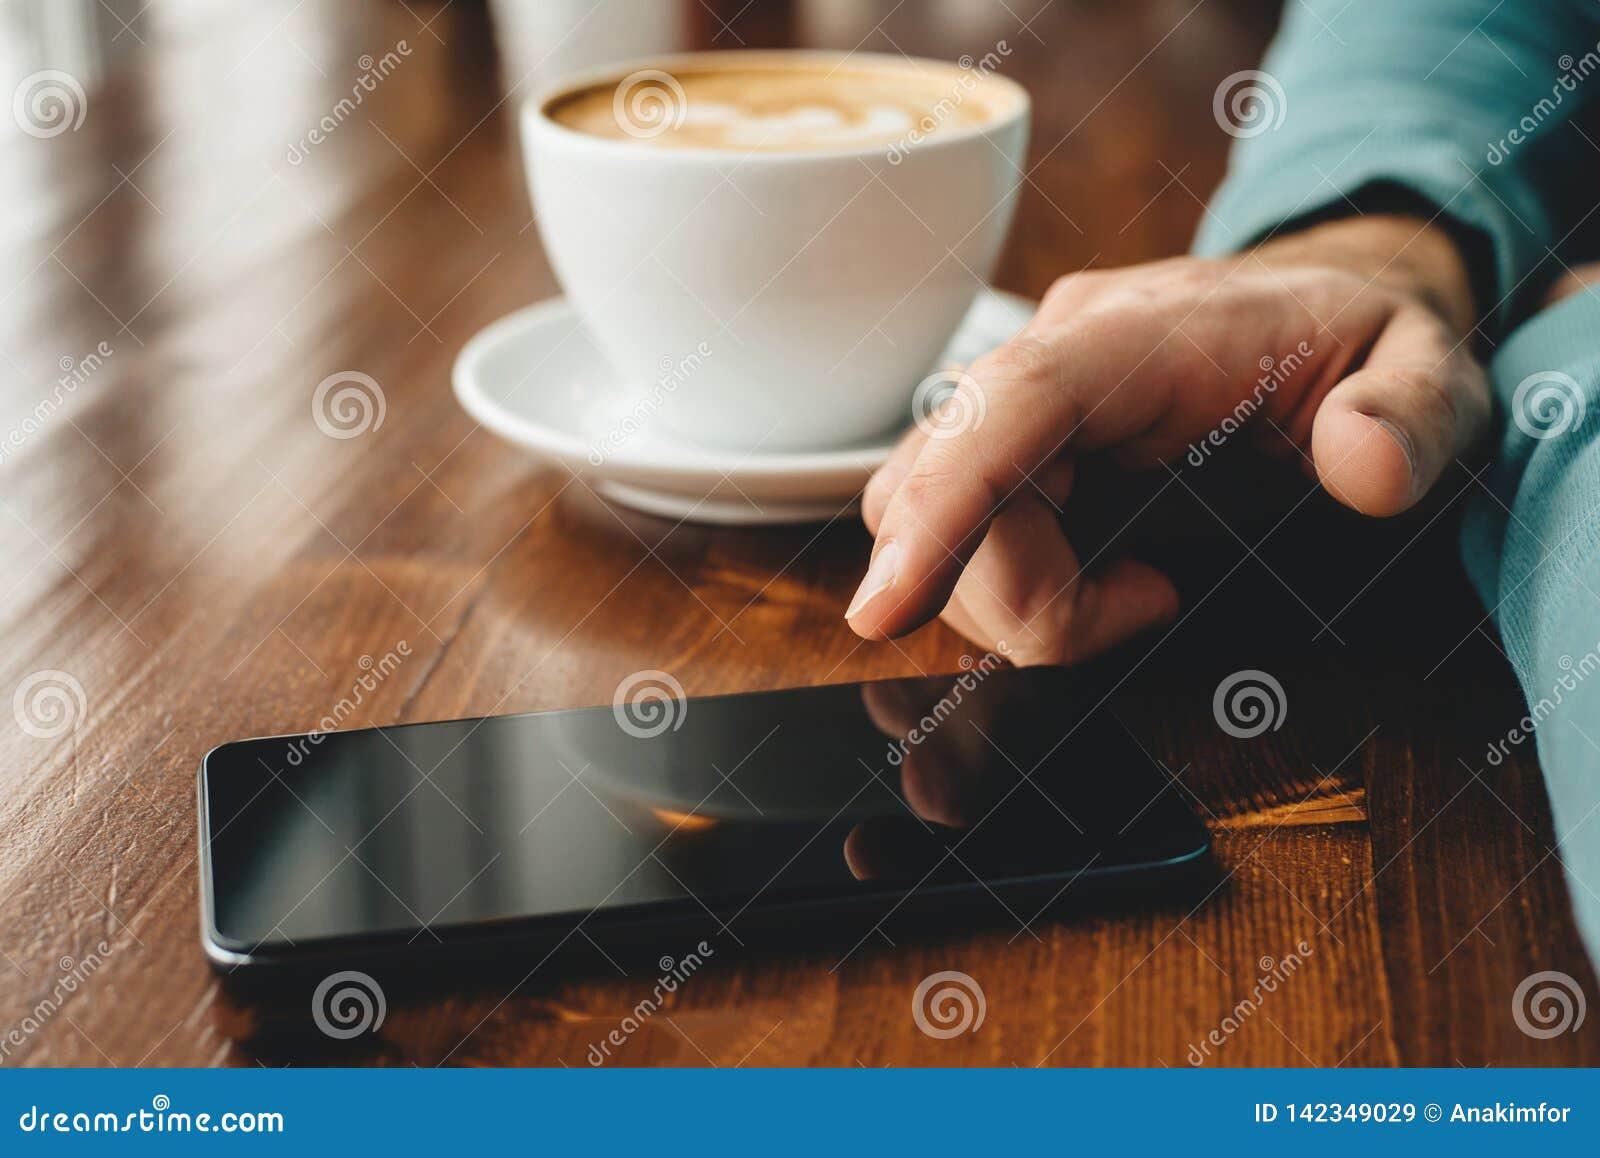 Hombre usando un smartphone y beber el fondo del café